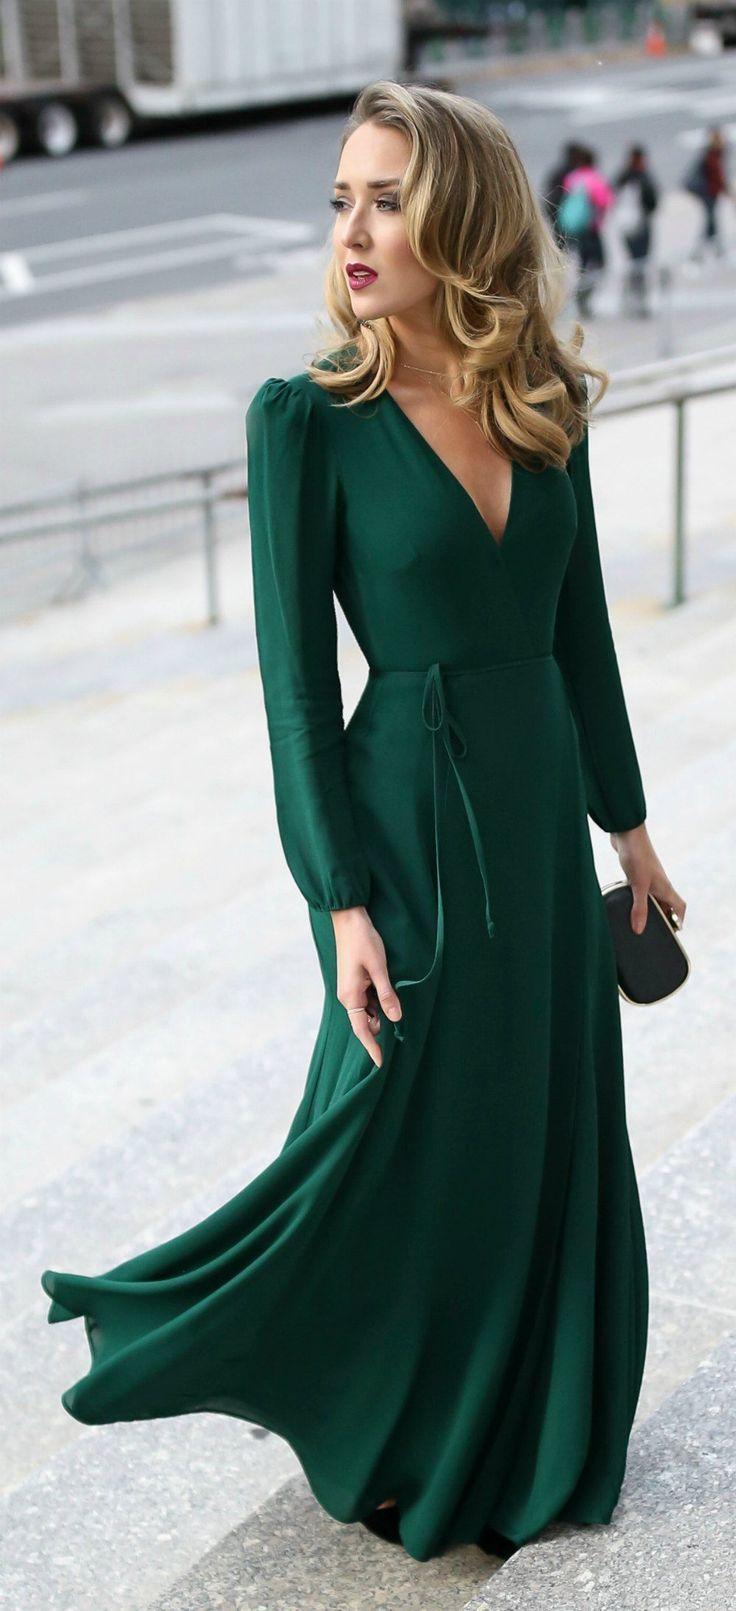 Emerald Green Dress For Wedding Guest   Green wedding dresses ...